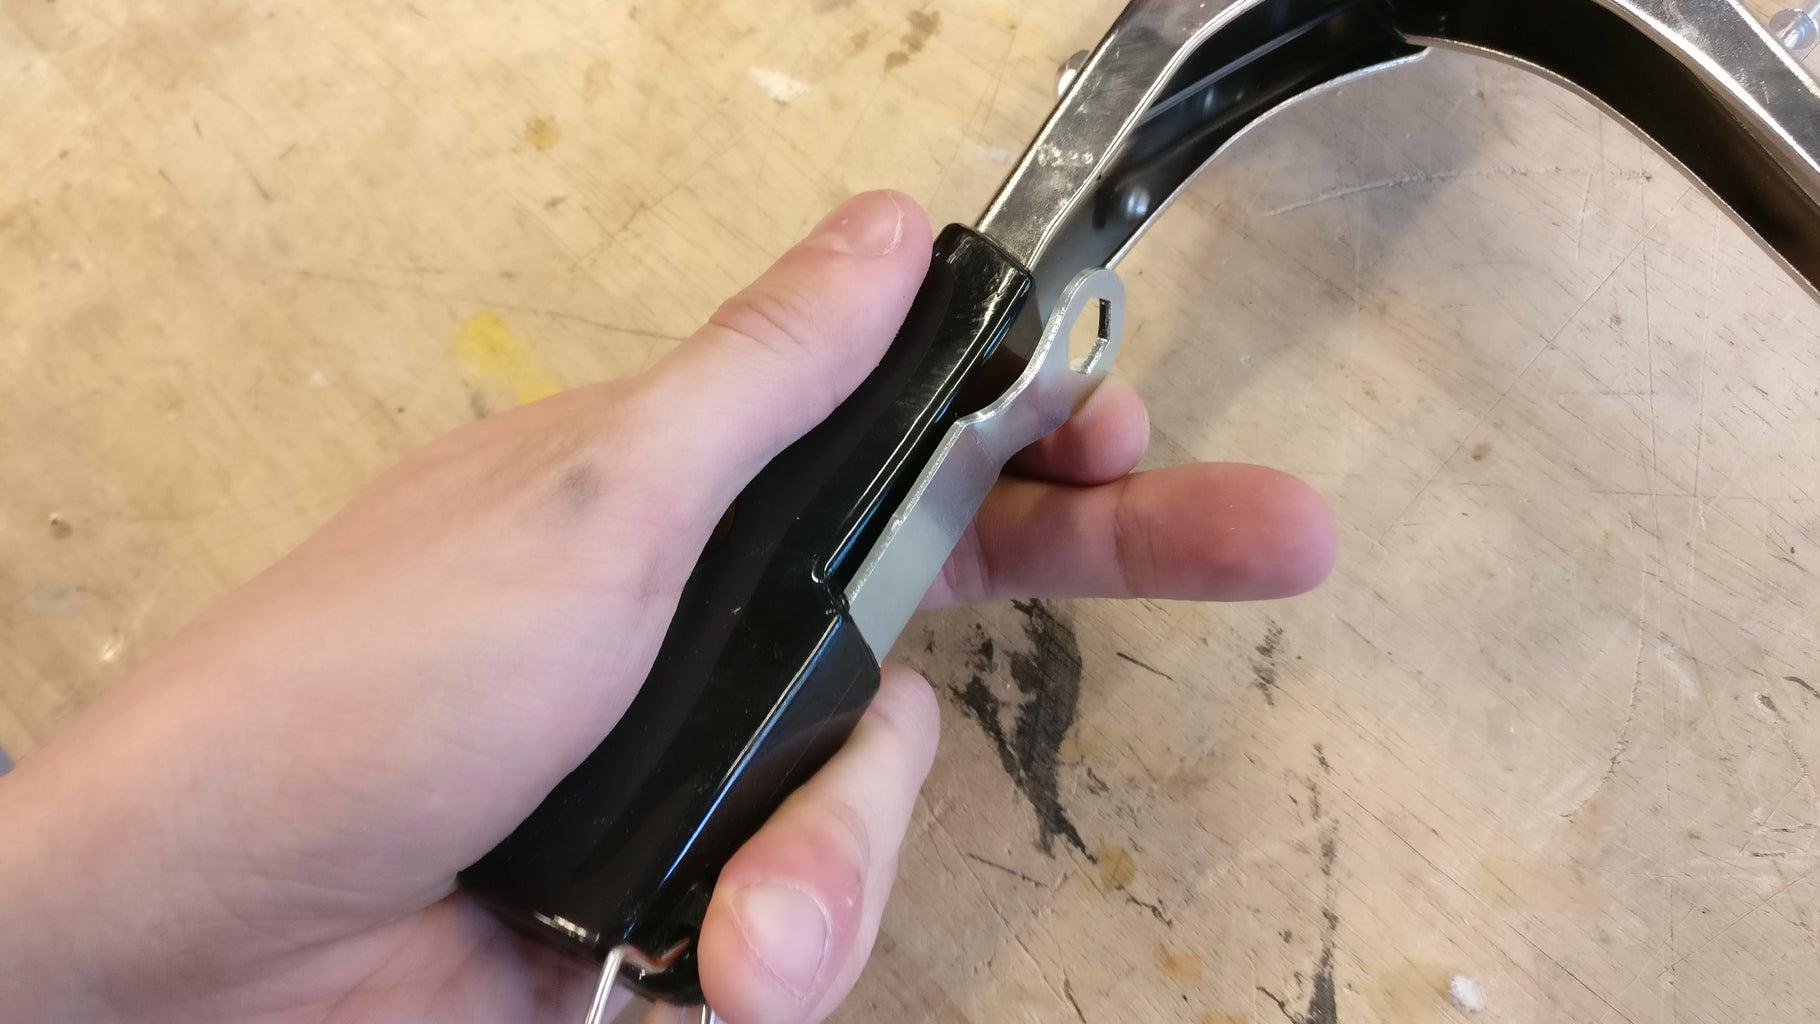 Preparing the Rivet Gun #2